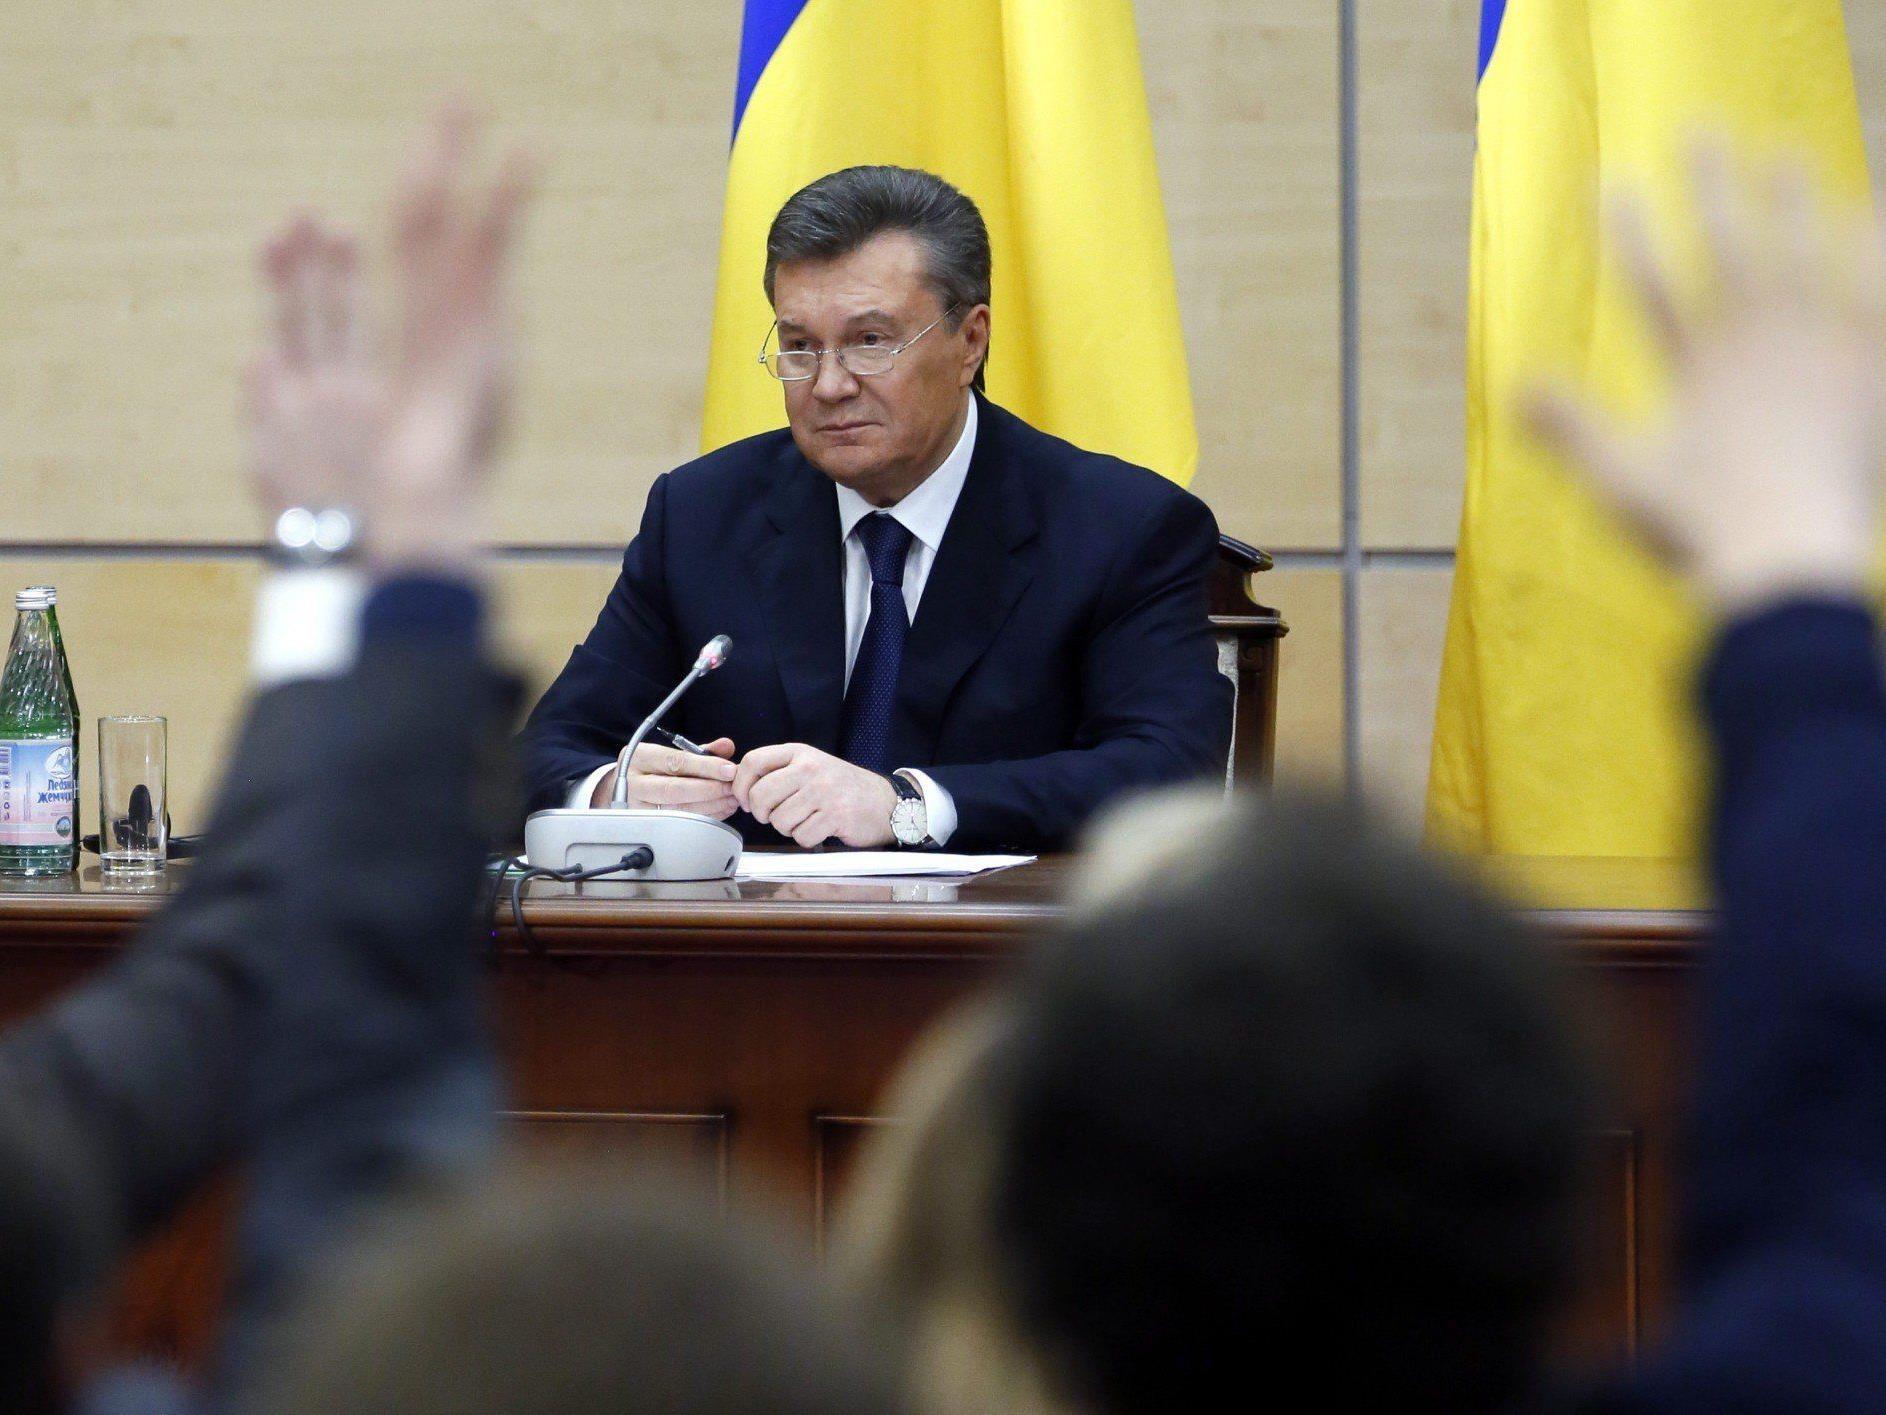 Gestürzter Präsident der Ukraine, Viktor Janukowitsch, wirft Westen Wortbruch vor